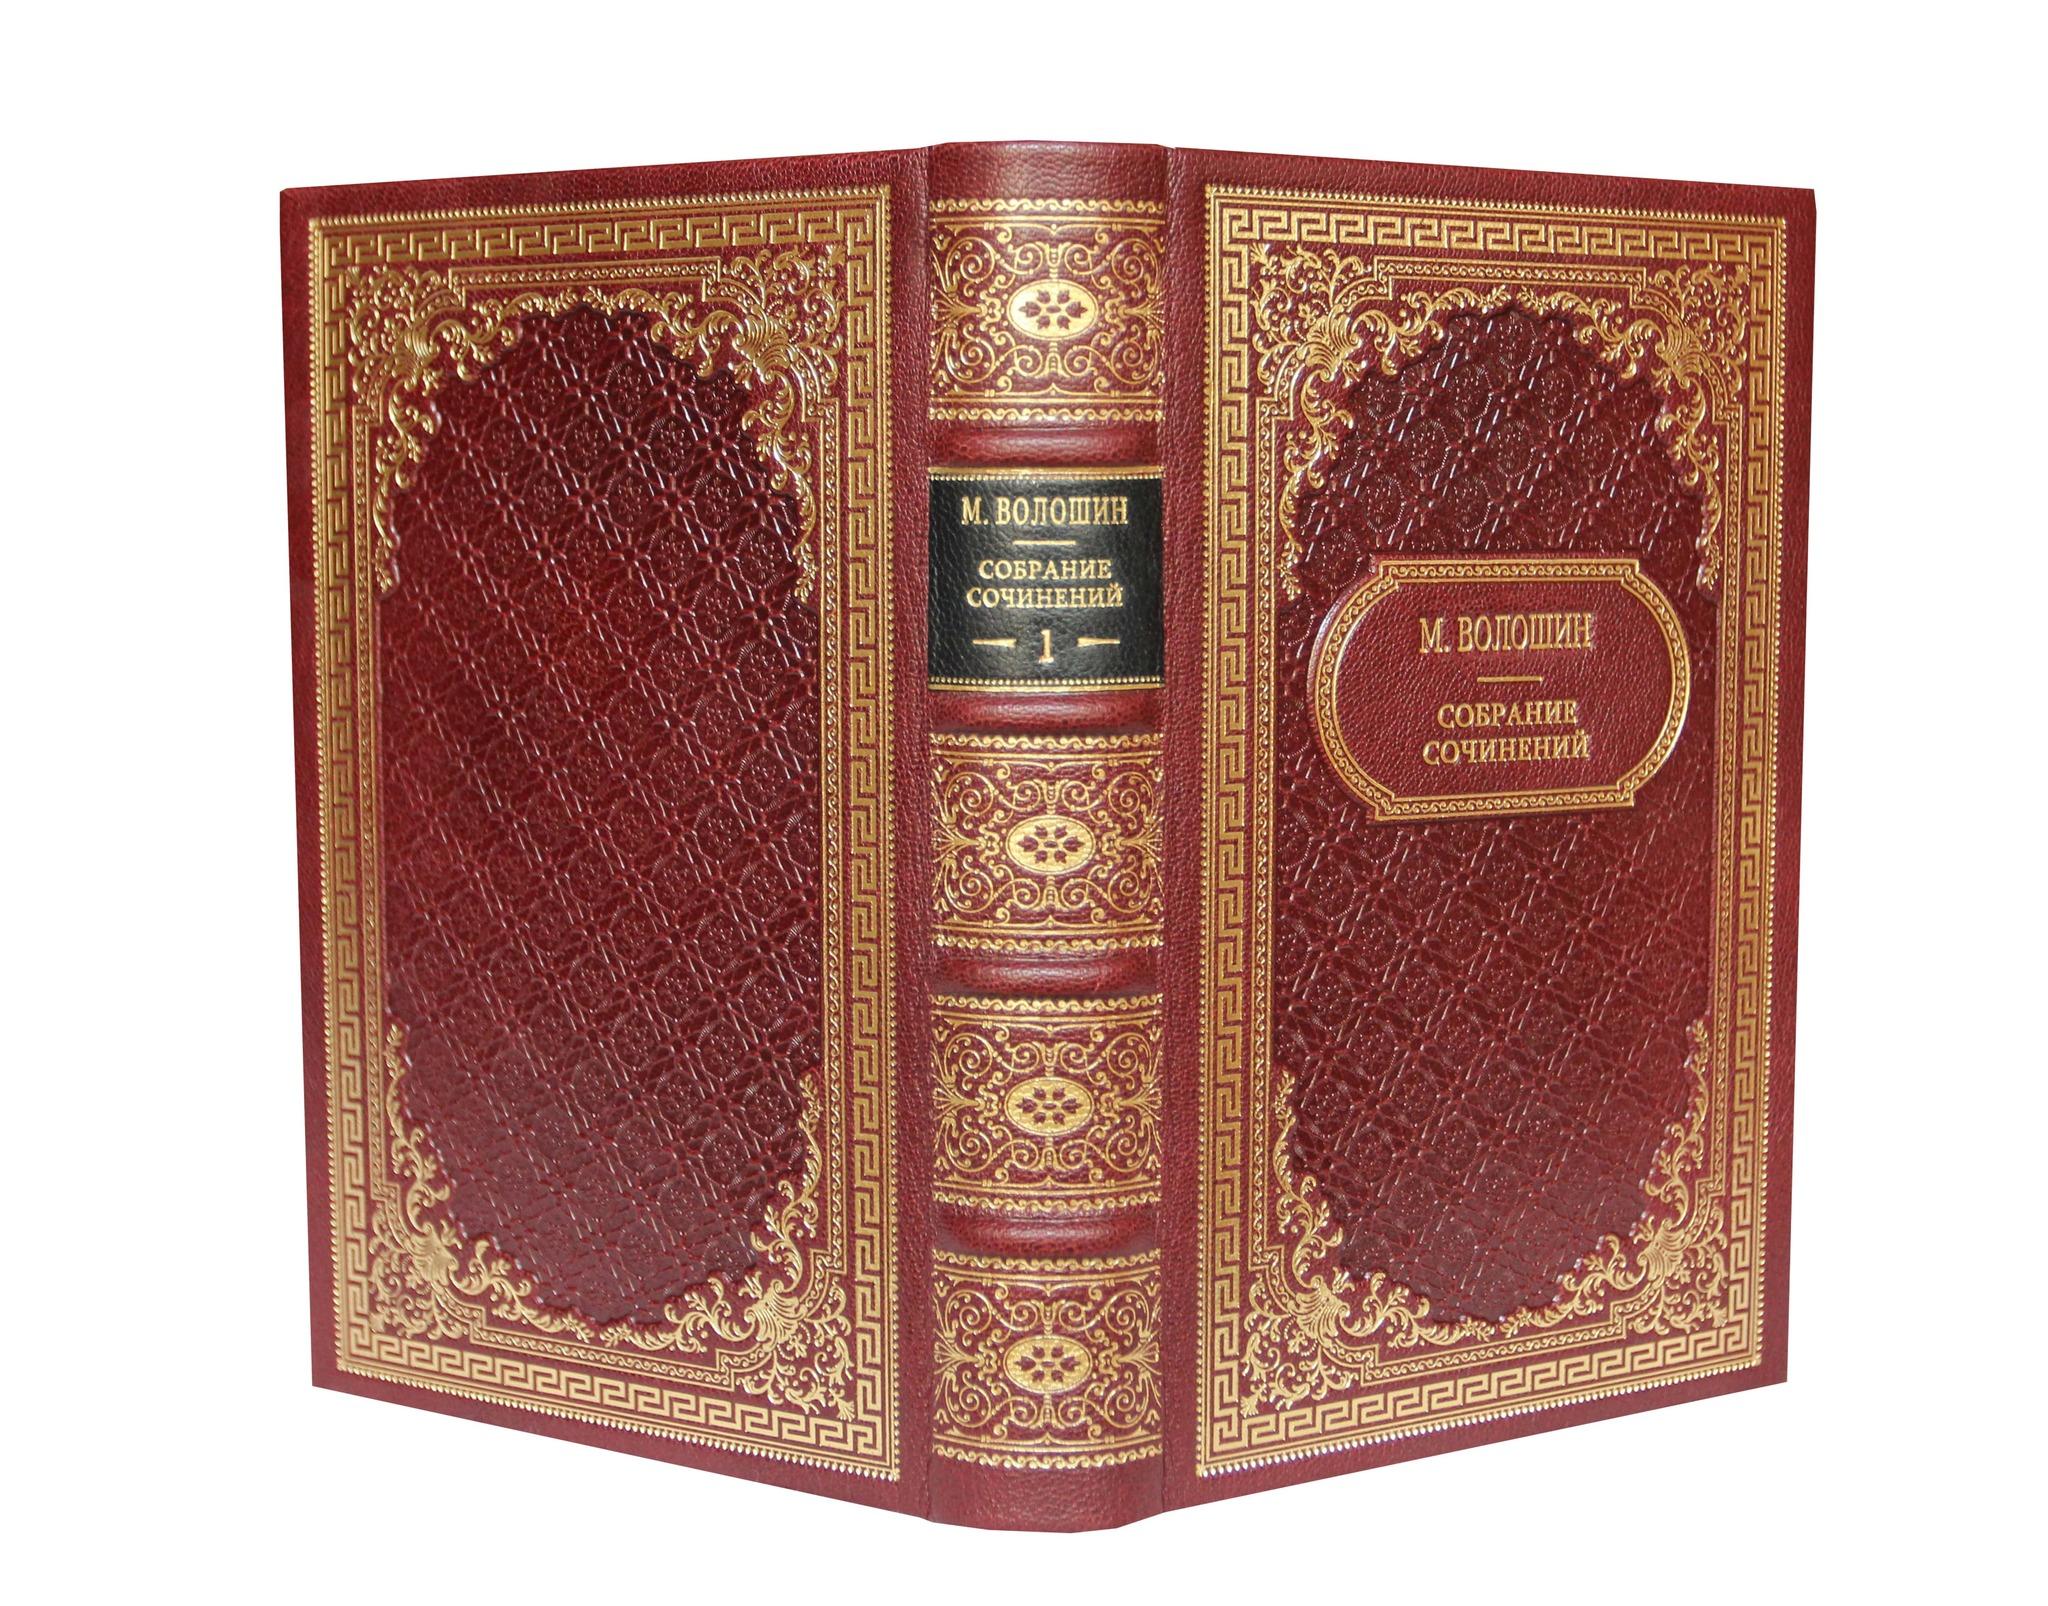 Волошин М. Собрание сочинений в 12 томах (в 15 книгах)